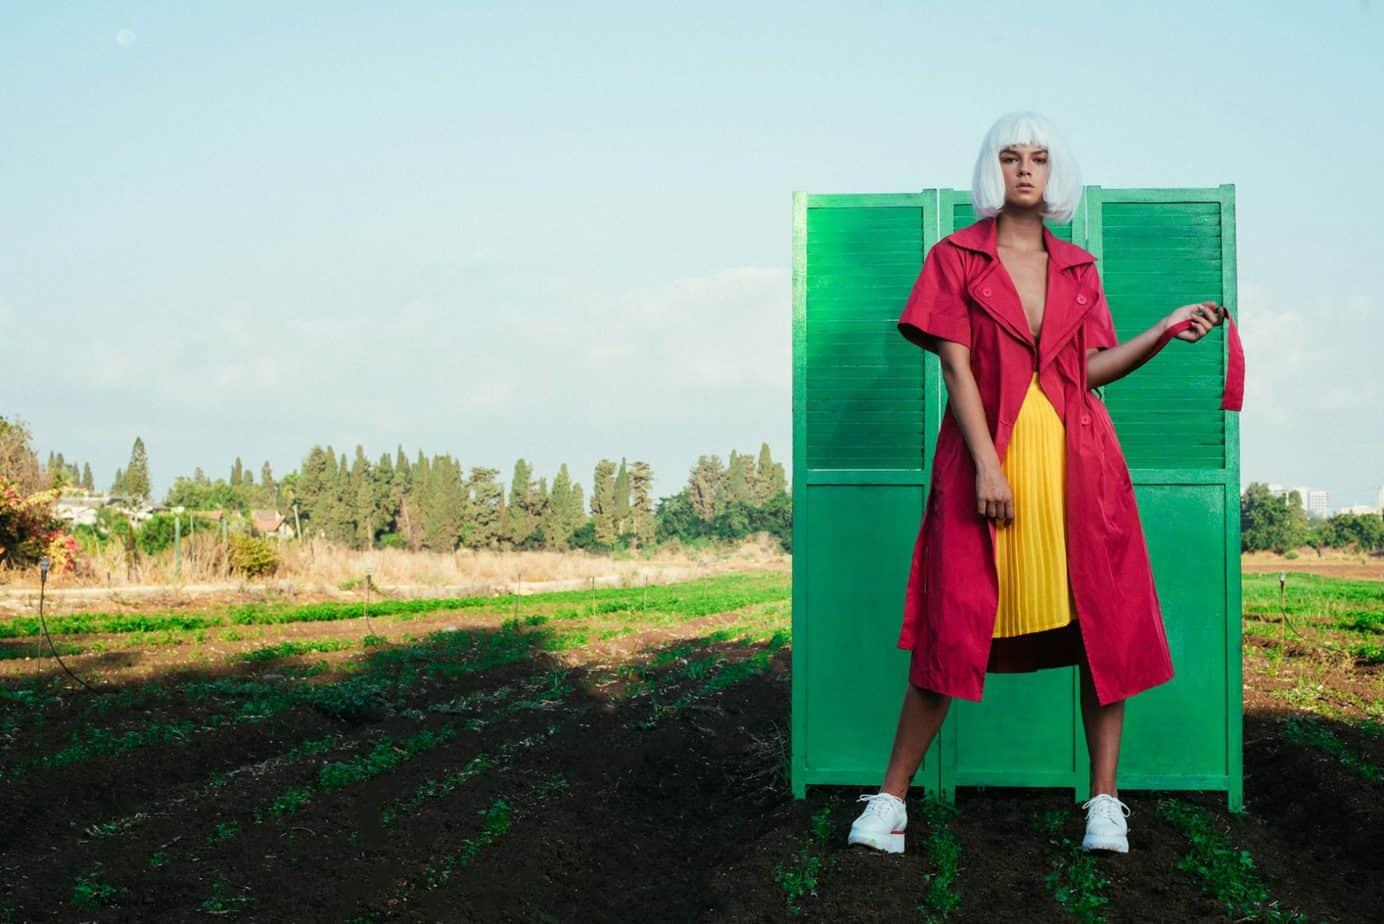 מעיל גשם ורוד - divine garage, חצאית צהובה: קונפטי חנות וינטג', נעלים:guardiani sport